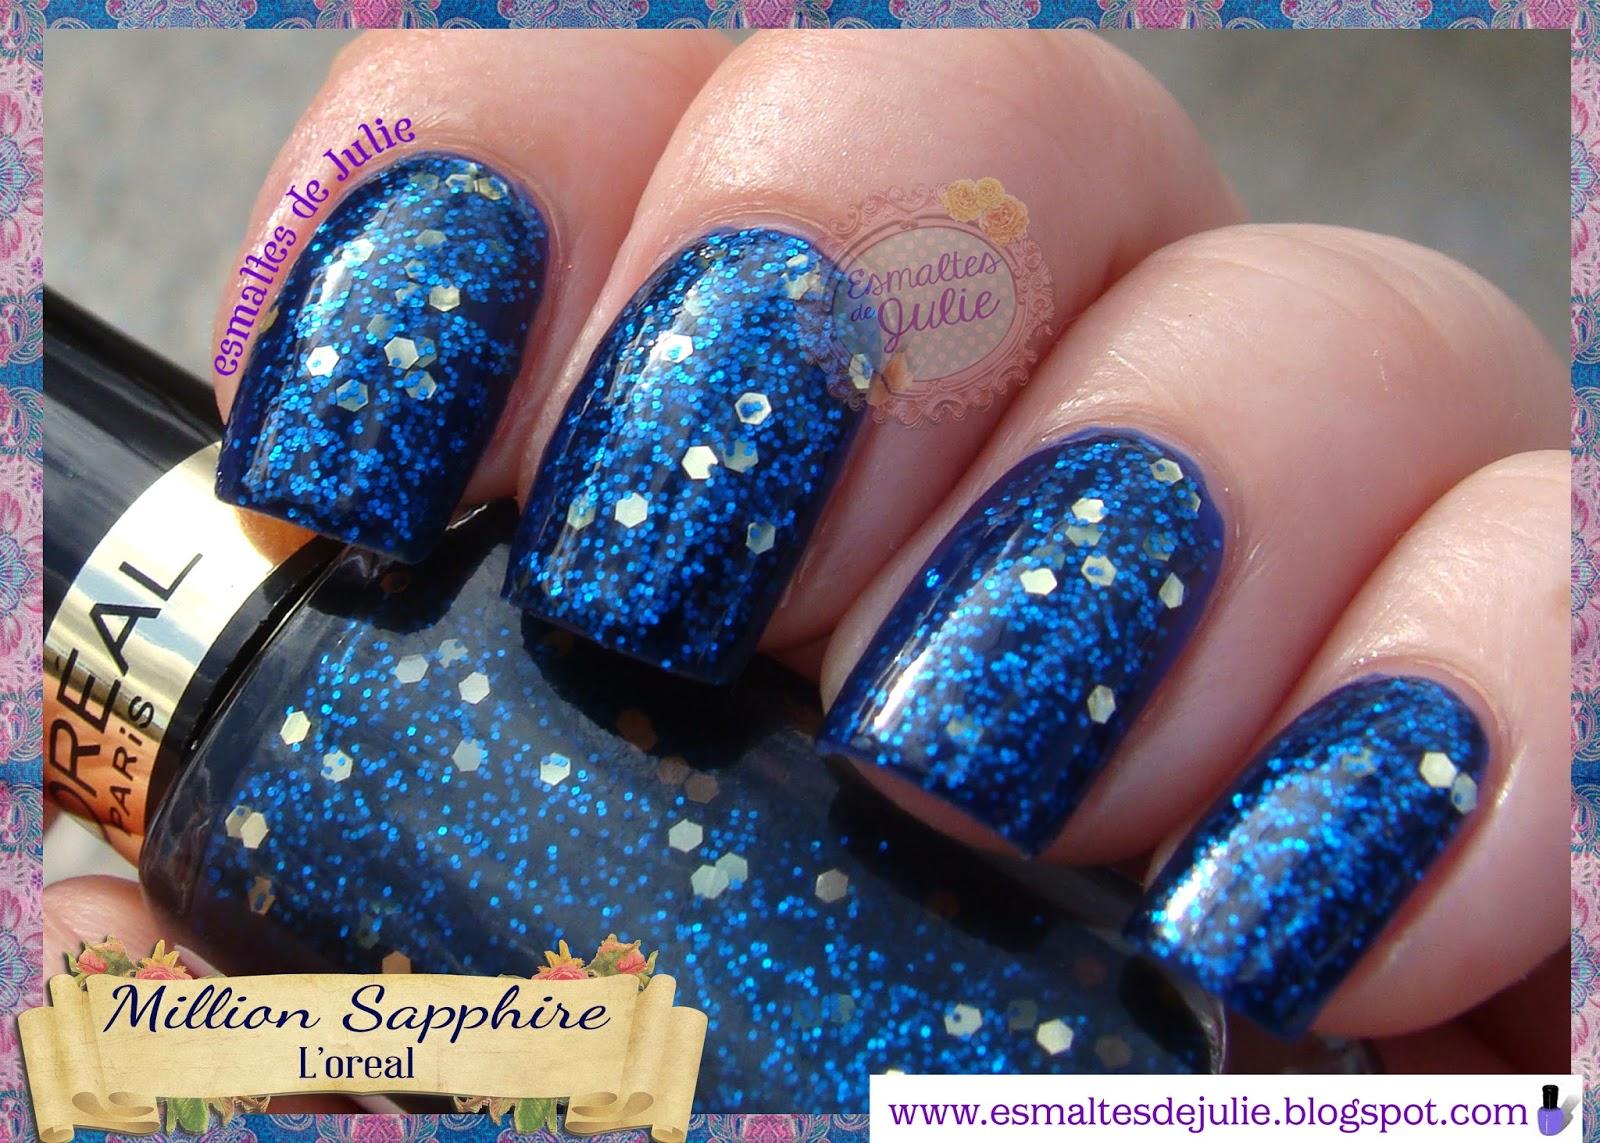 Esmaltes de Julie: Million Sapphire: Como un cielo estrellado